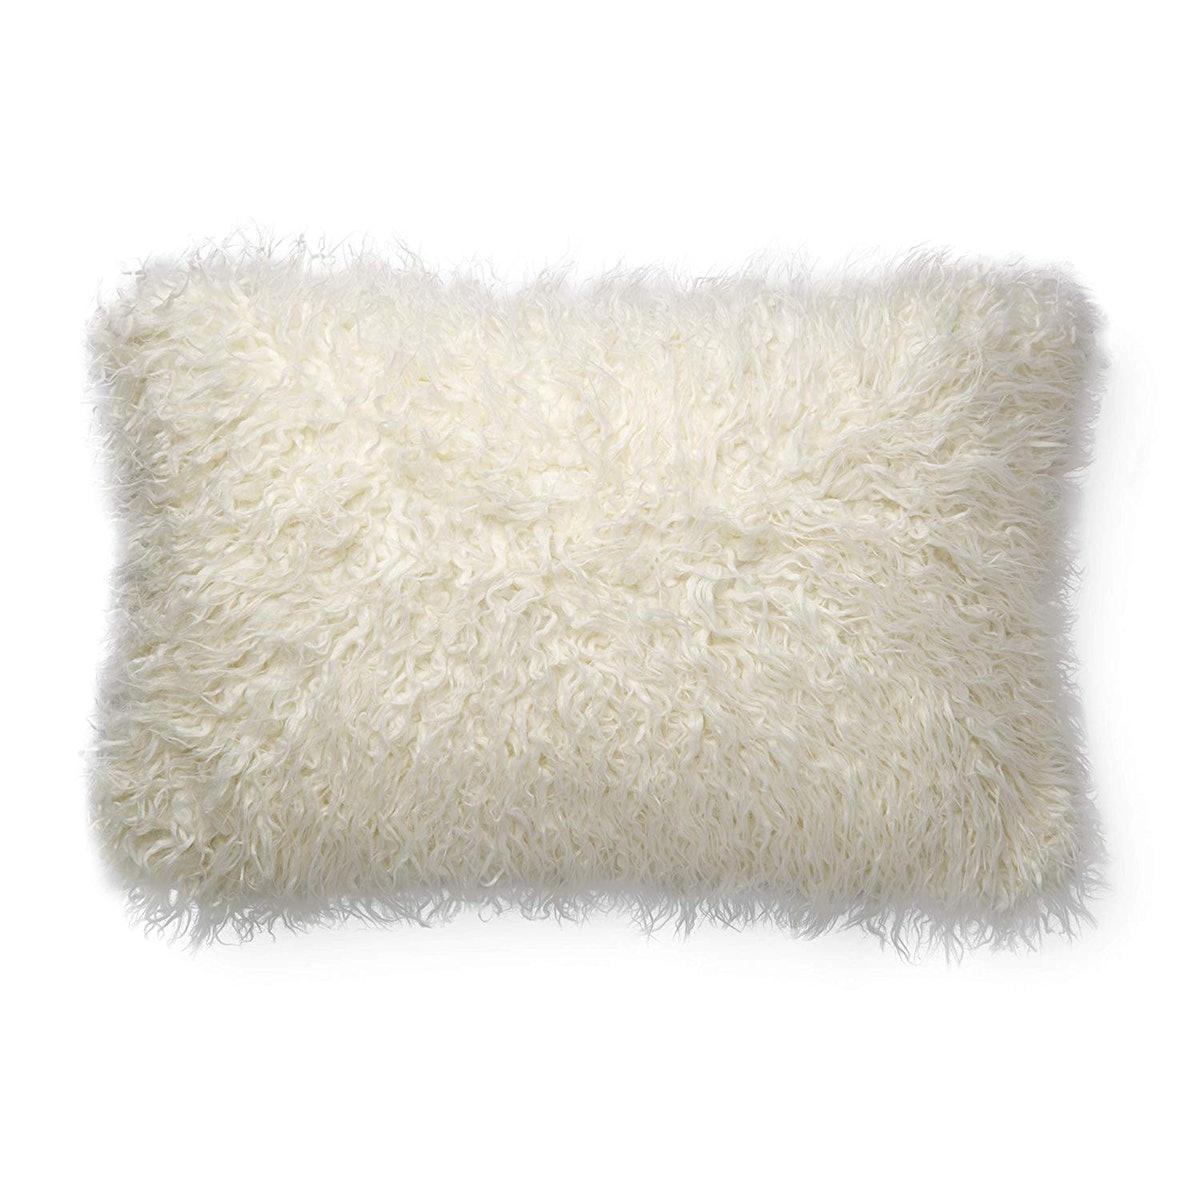 Faux Mongolian Fur Lumbar Pillow, White